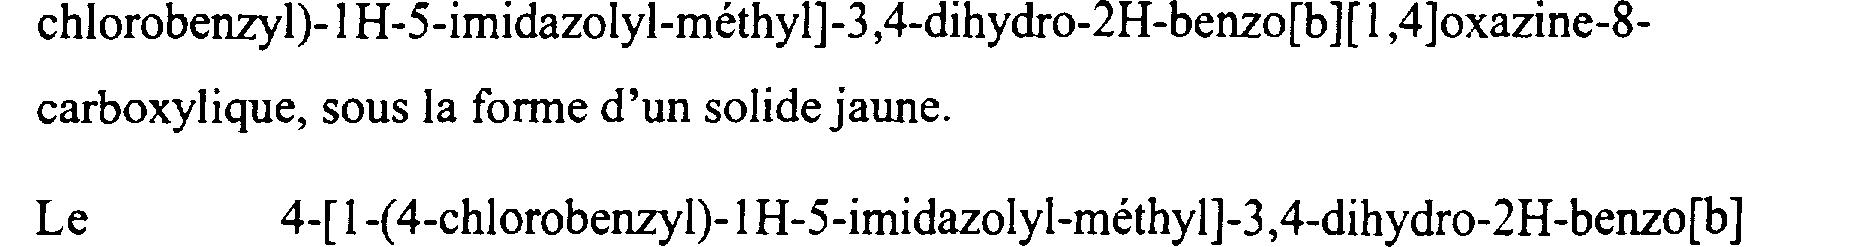 Figure img00320002